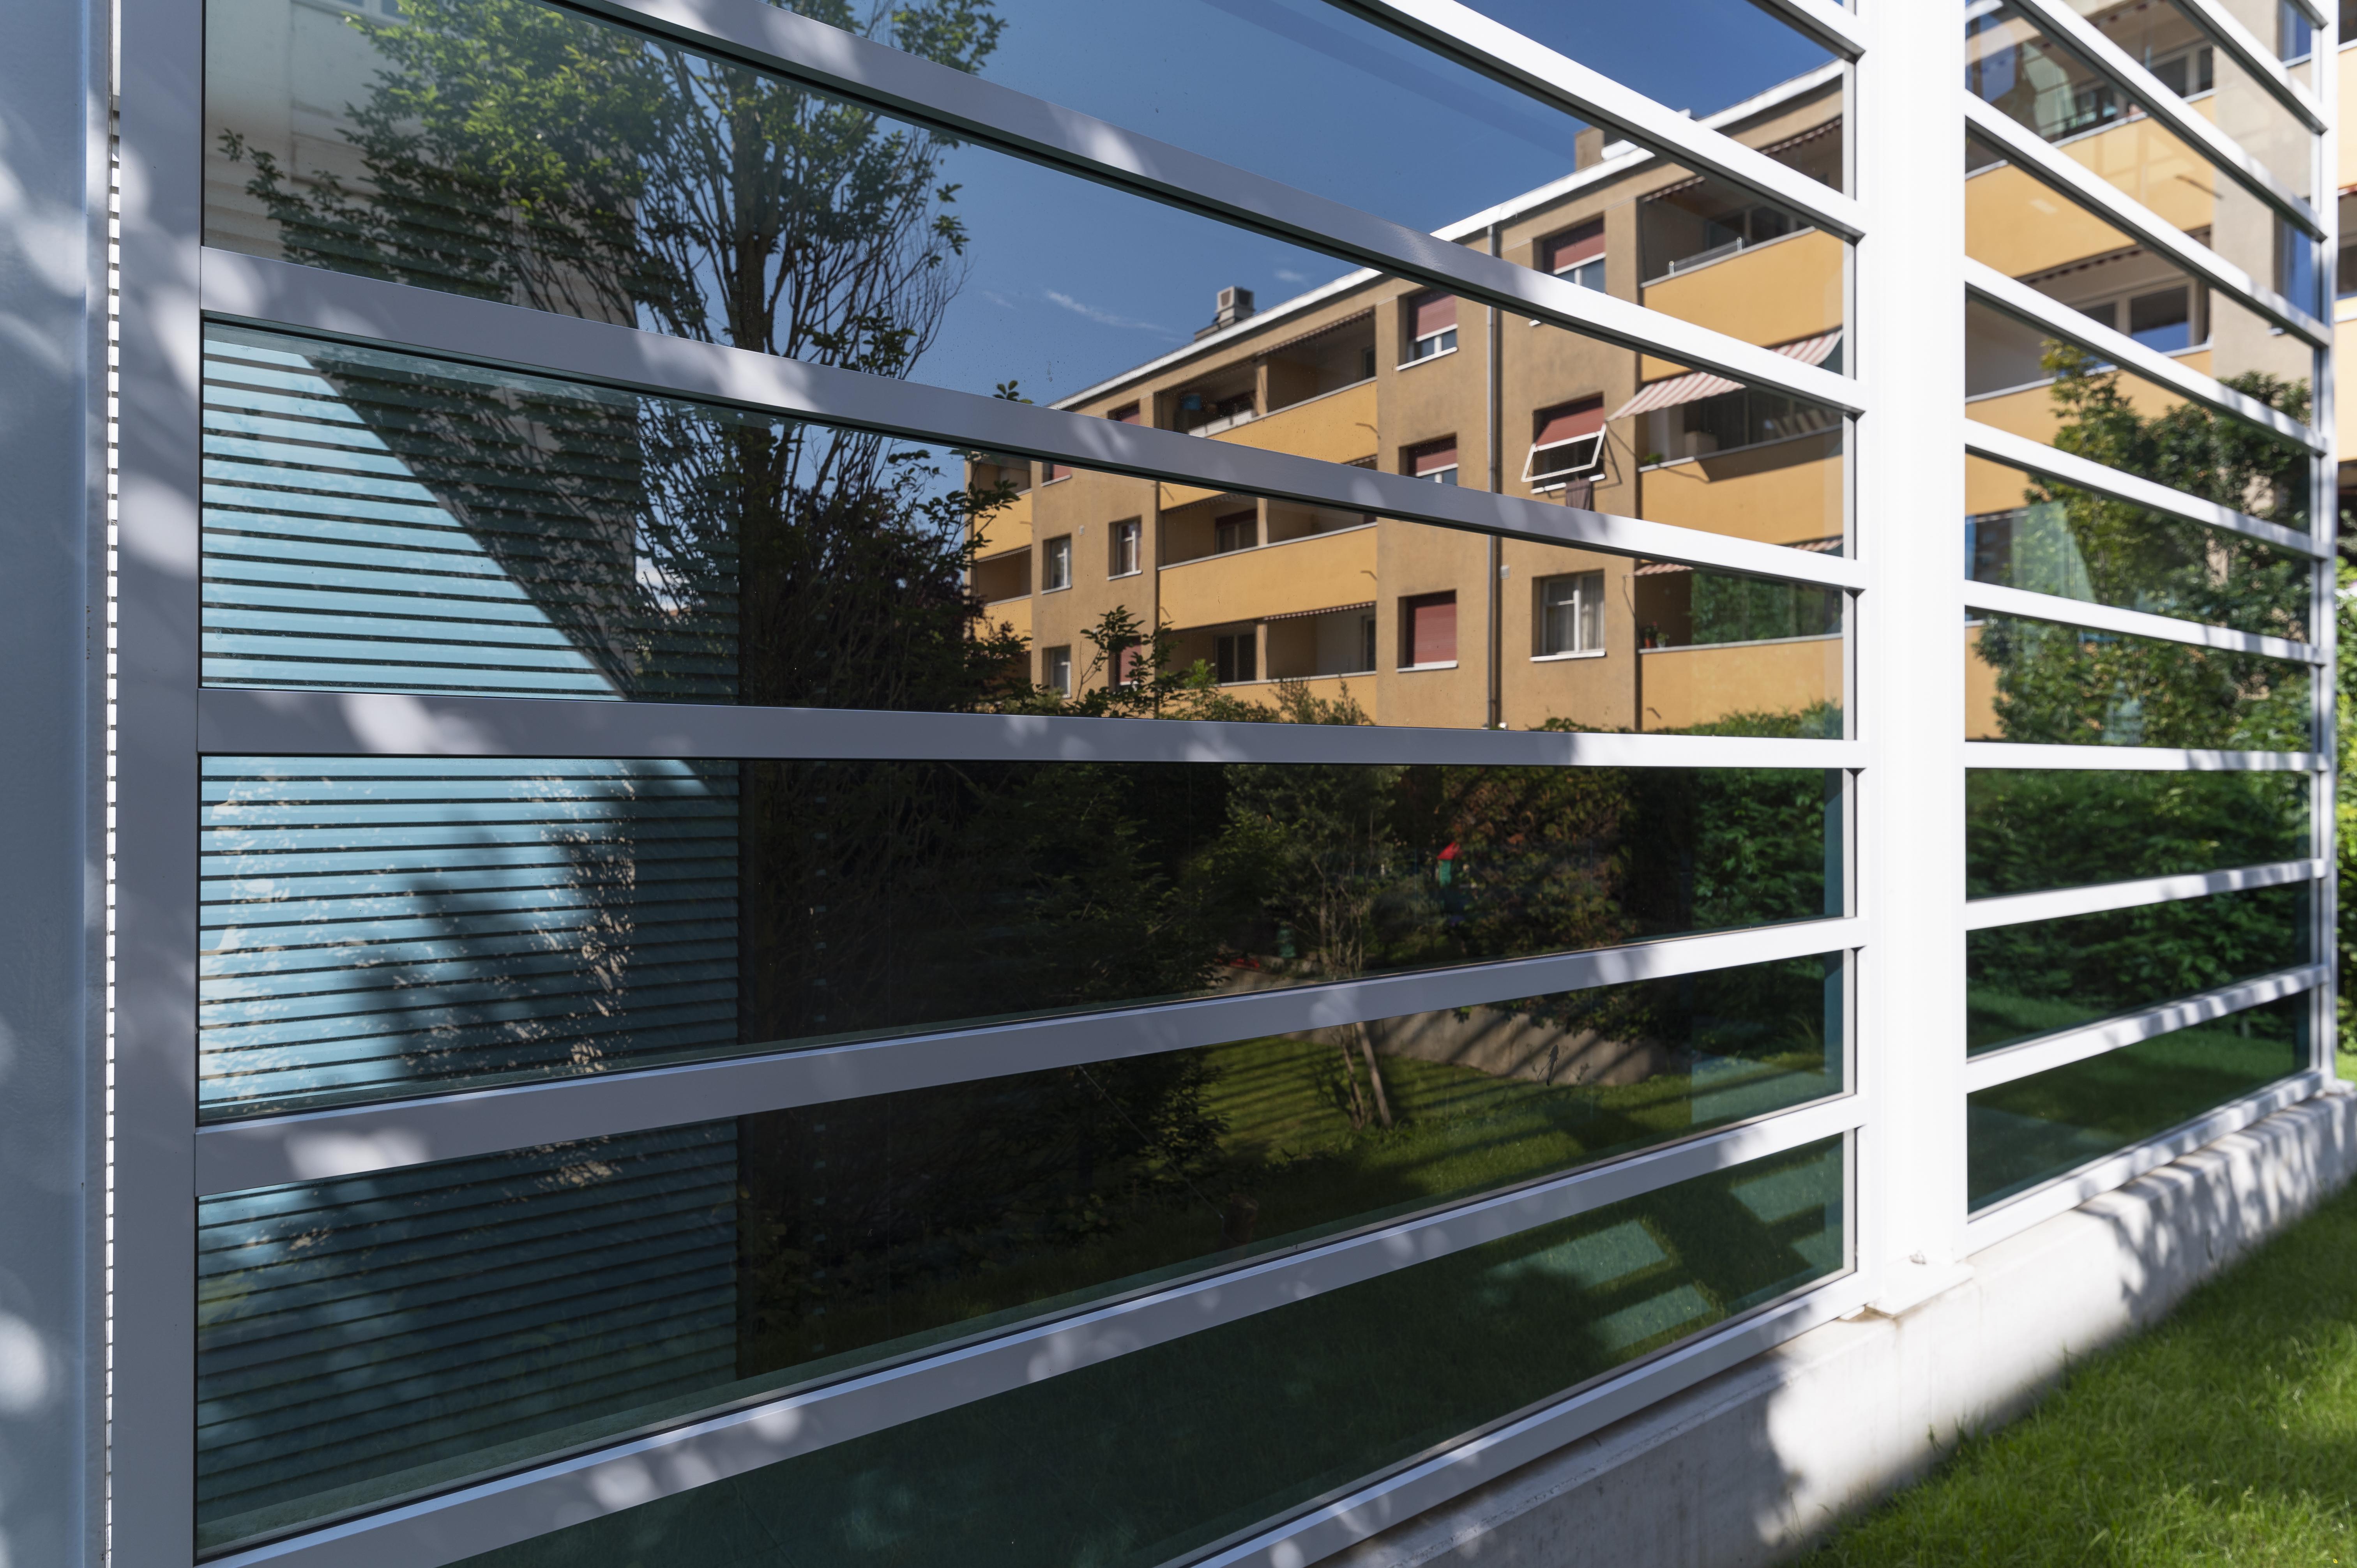 _PVZ4847Chantiers Cometallo 2020NIKON Z